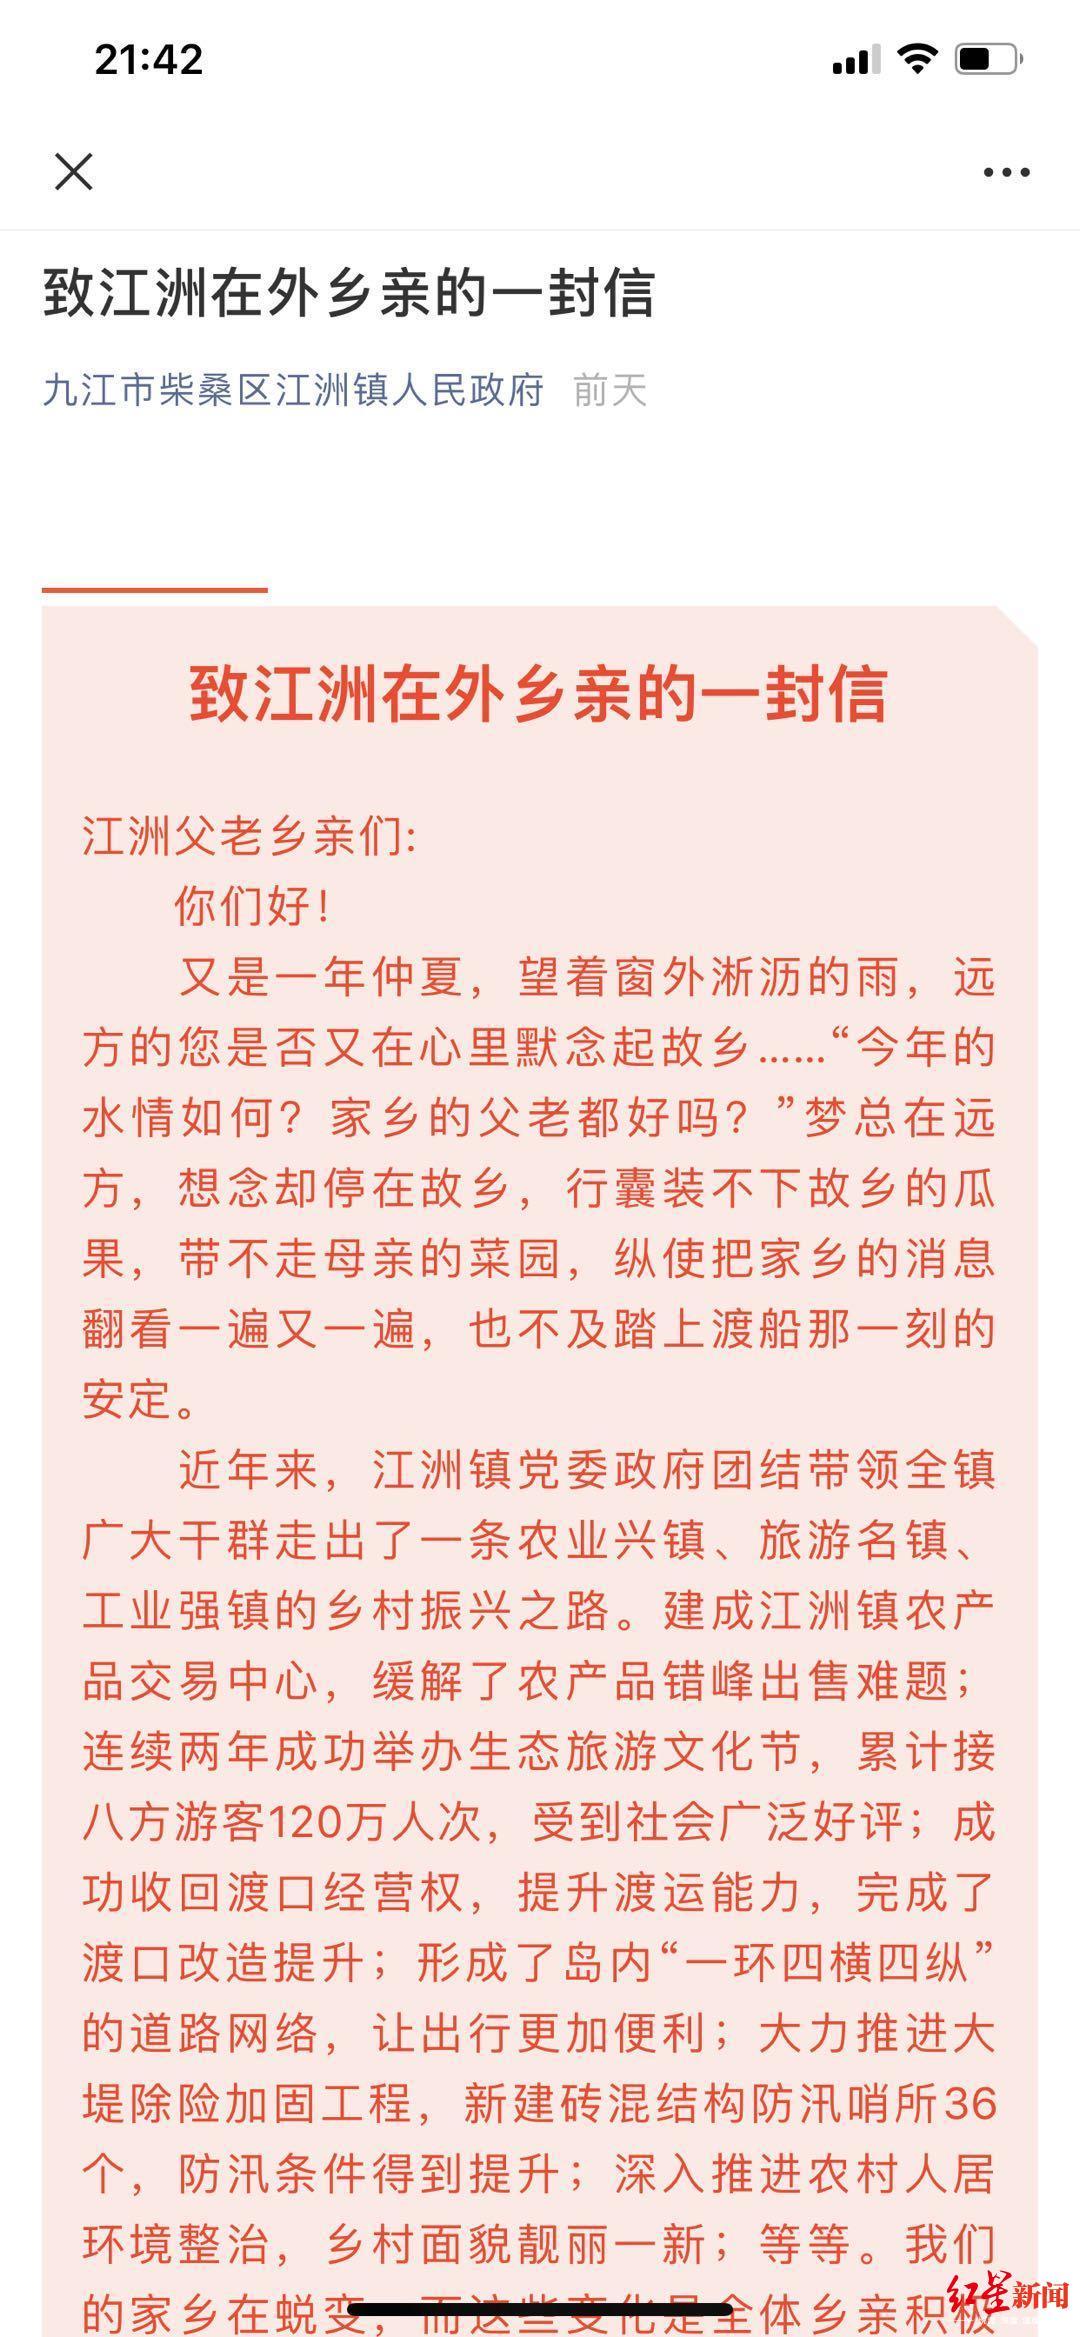 【彩乐园2登录进入12dsncom】_九江江洲呼吁乡亲返乡抗洪,两天3000人返乡,官方:仍缺人手、物资